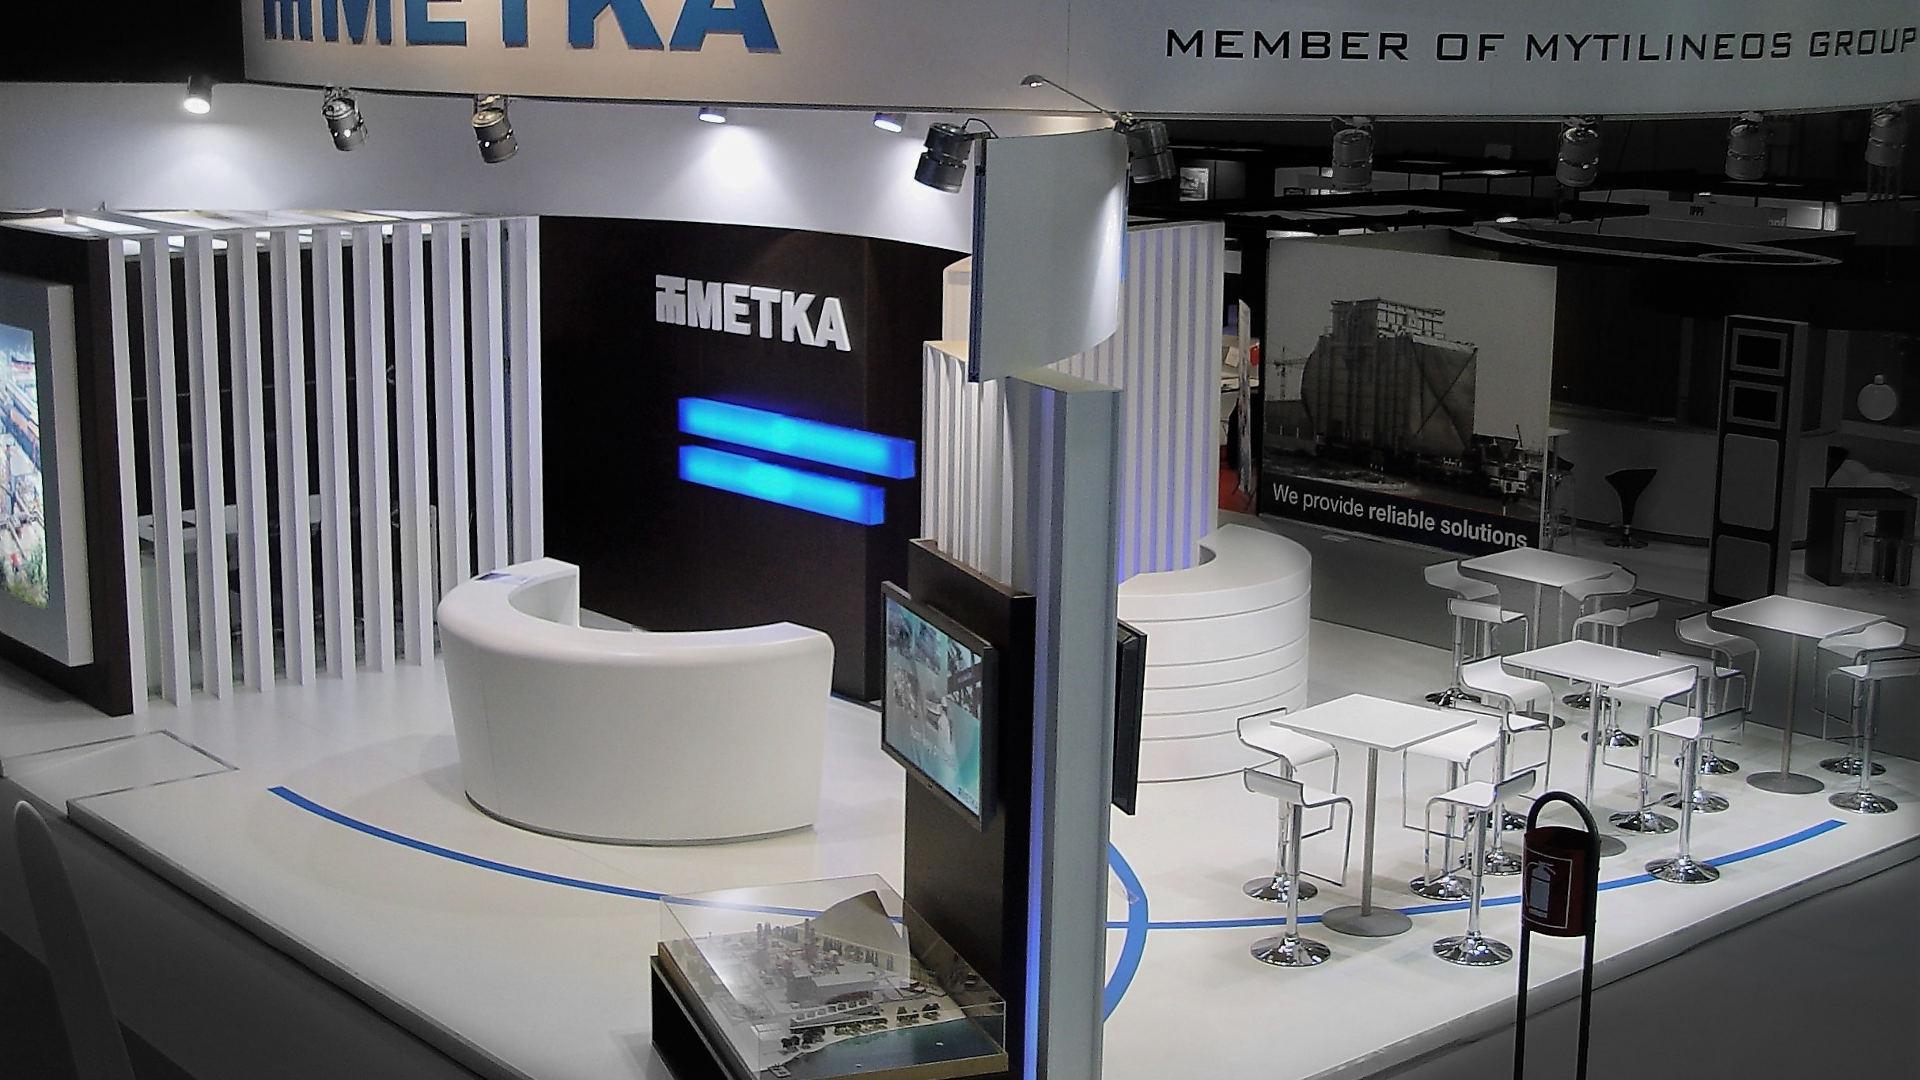 METKA-POWER GEN EUROPE-MILAN